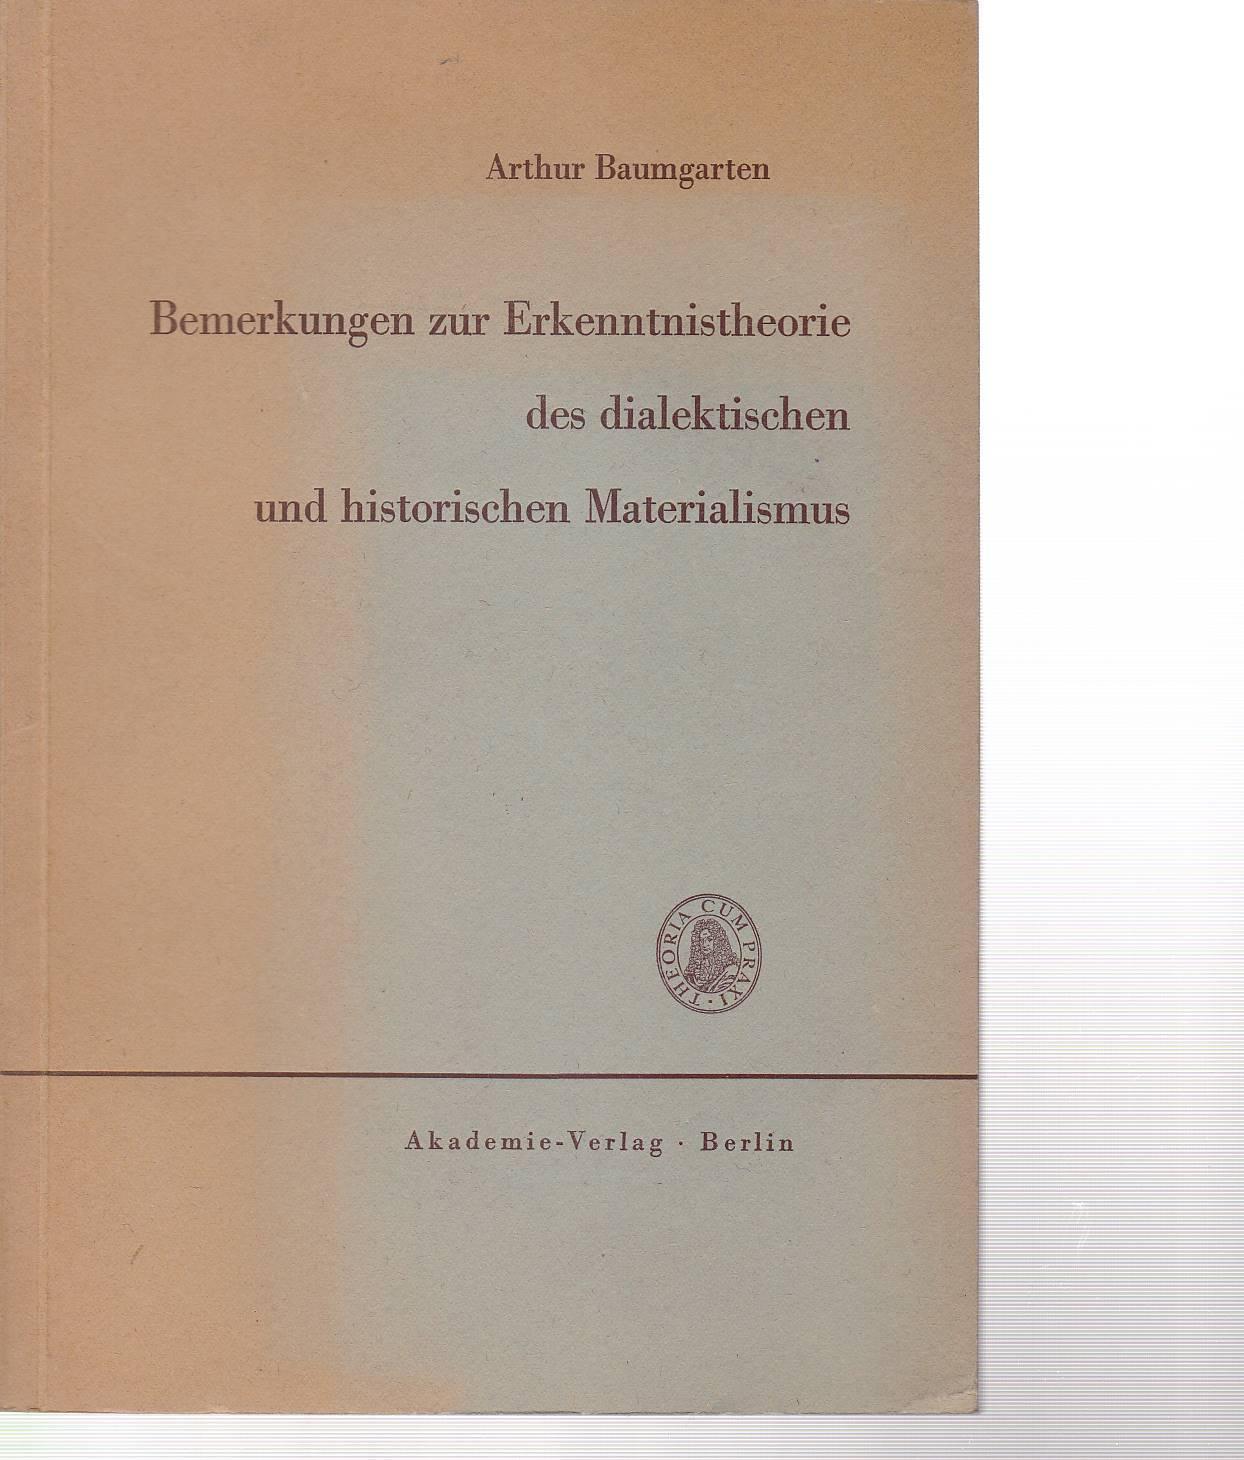 Bemerkungen zur Erkenntnistheorie des dialektischen und historischen: Baumgarten, Arthur